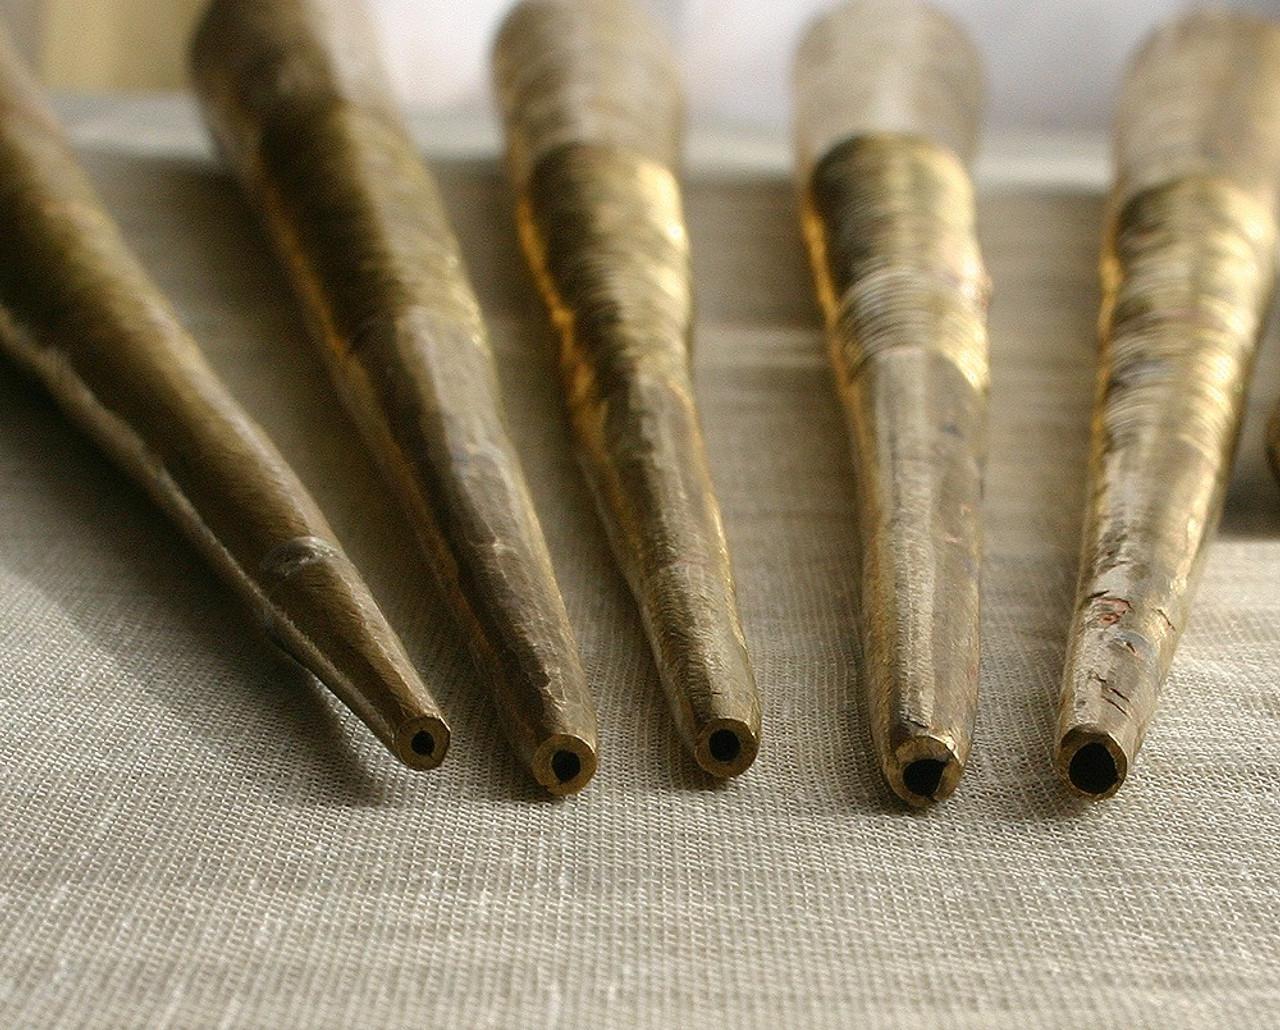 Chakpur Sand artist tools